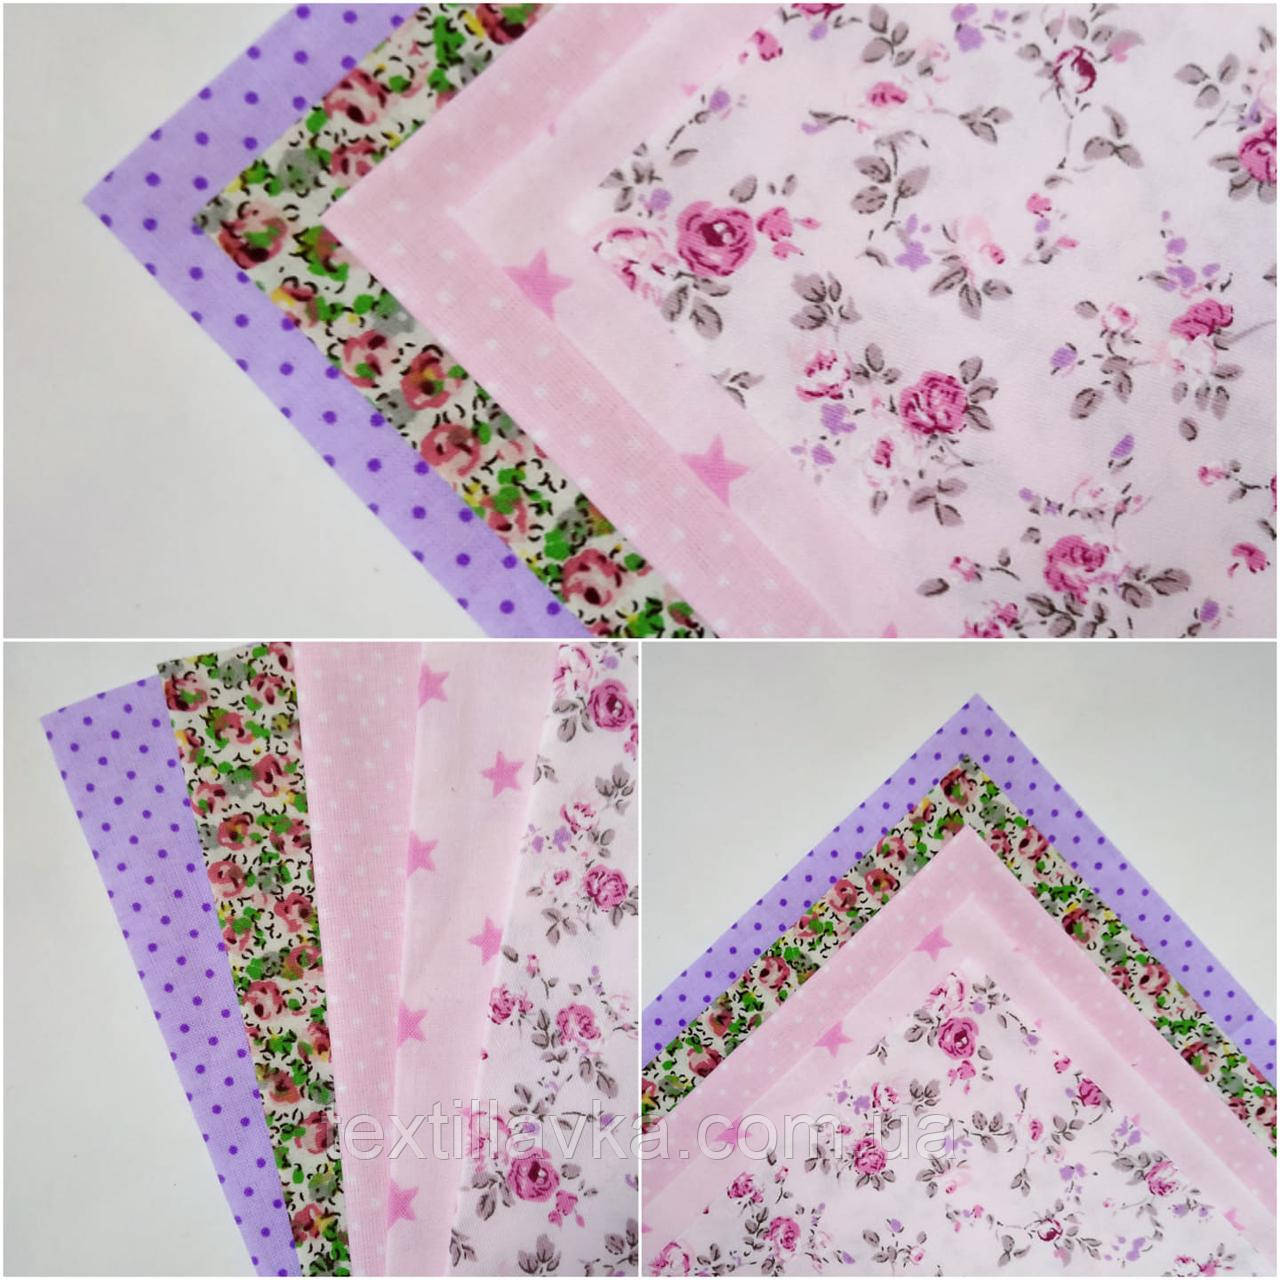 Набор хлопковой ткани для рукоделия из 5шт. Розовая мечта